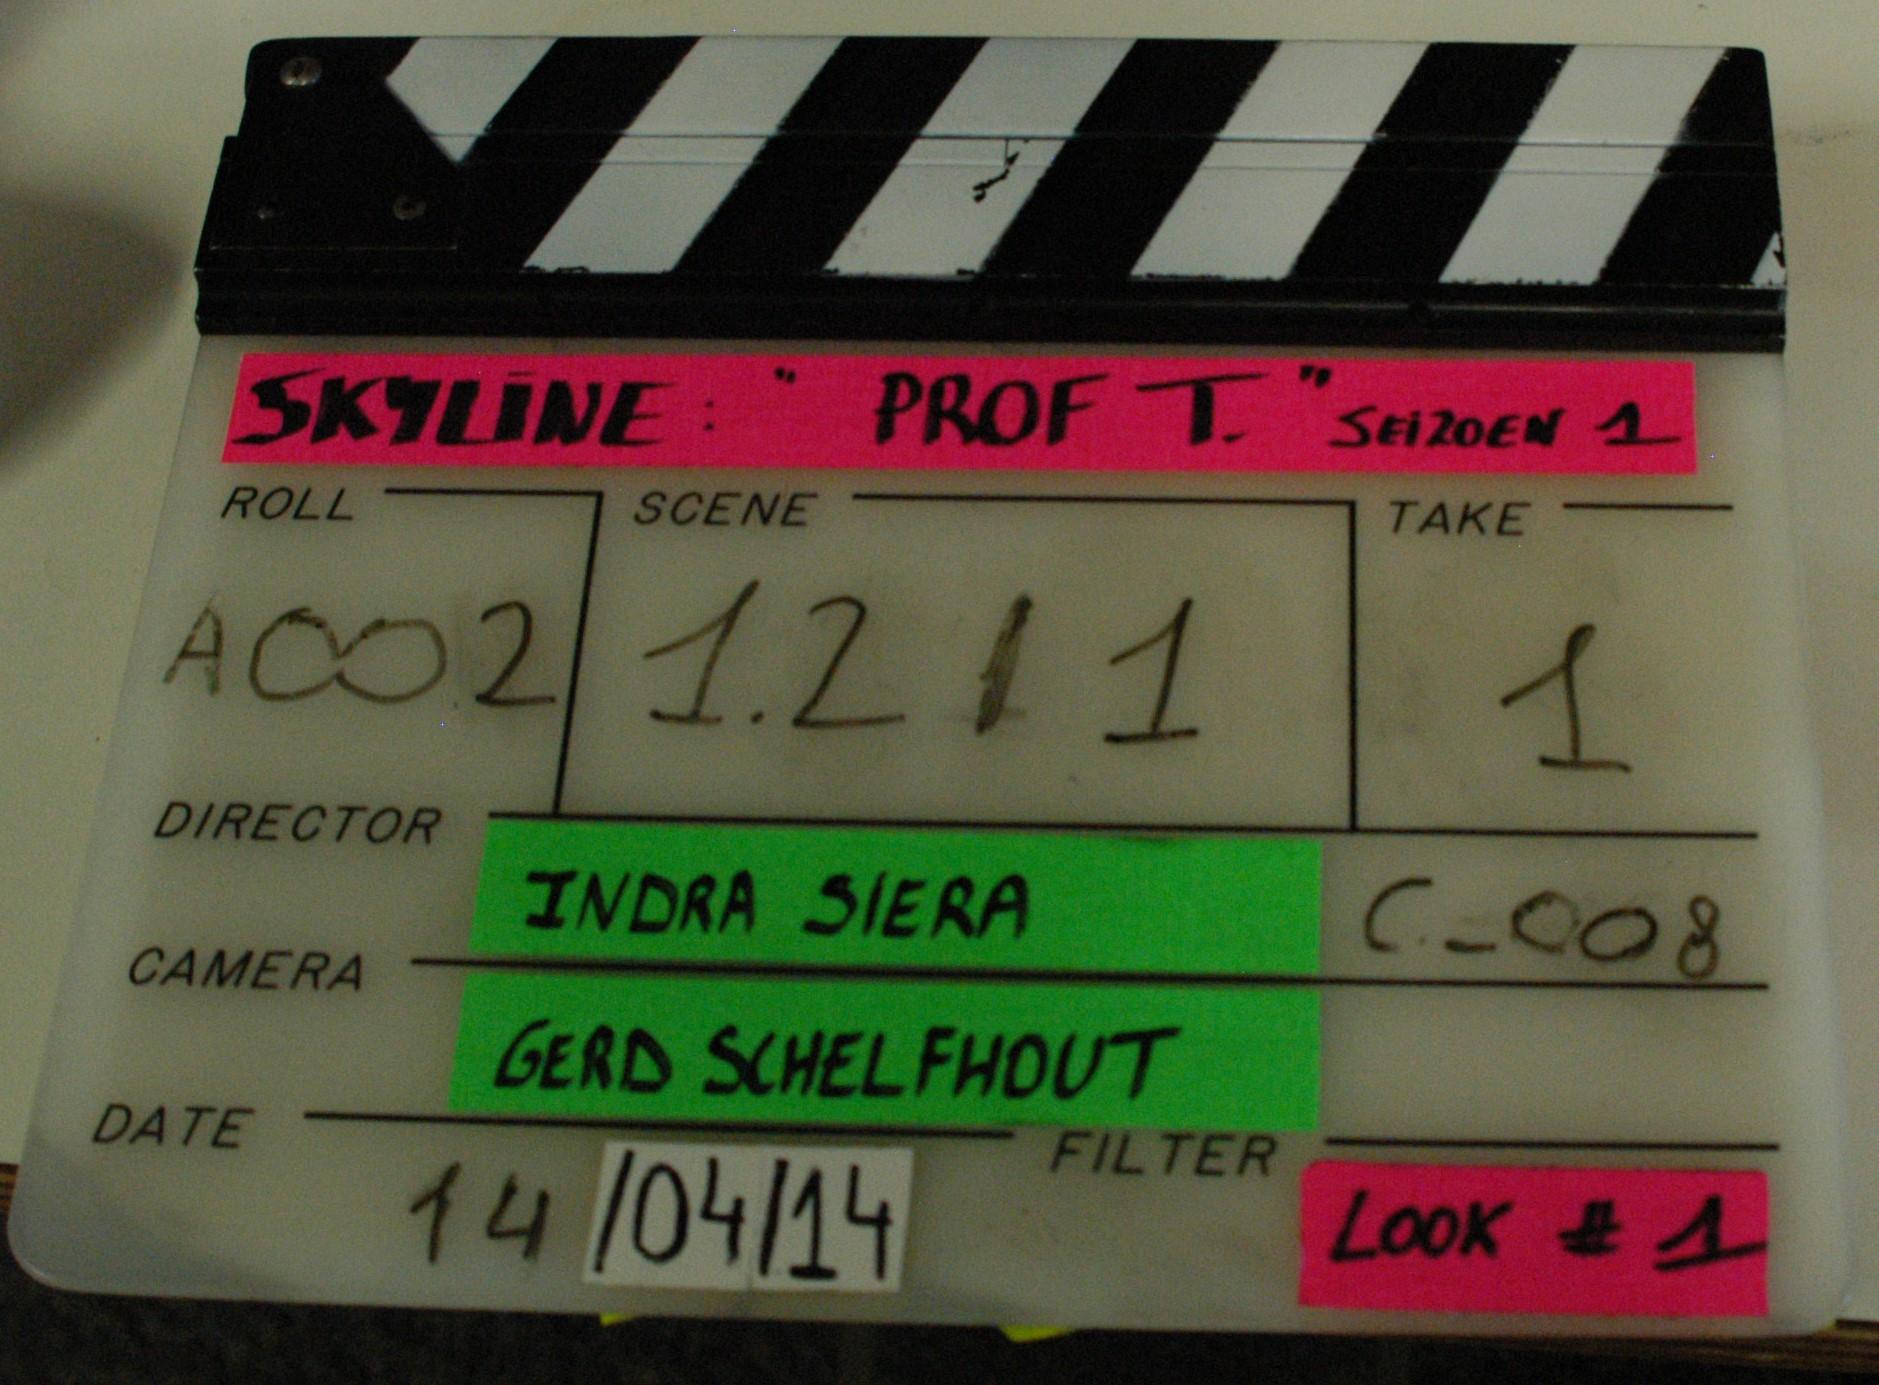 Filmopnames aan de UAntwerpen